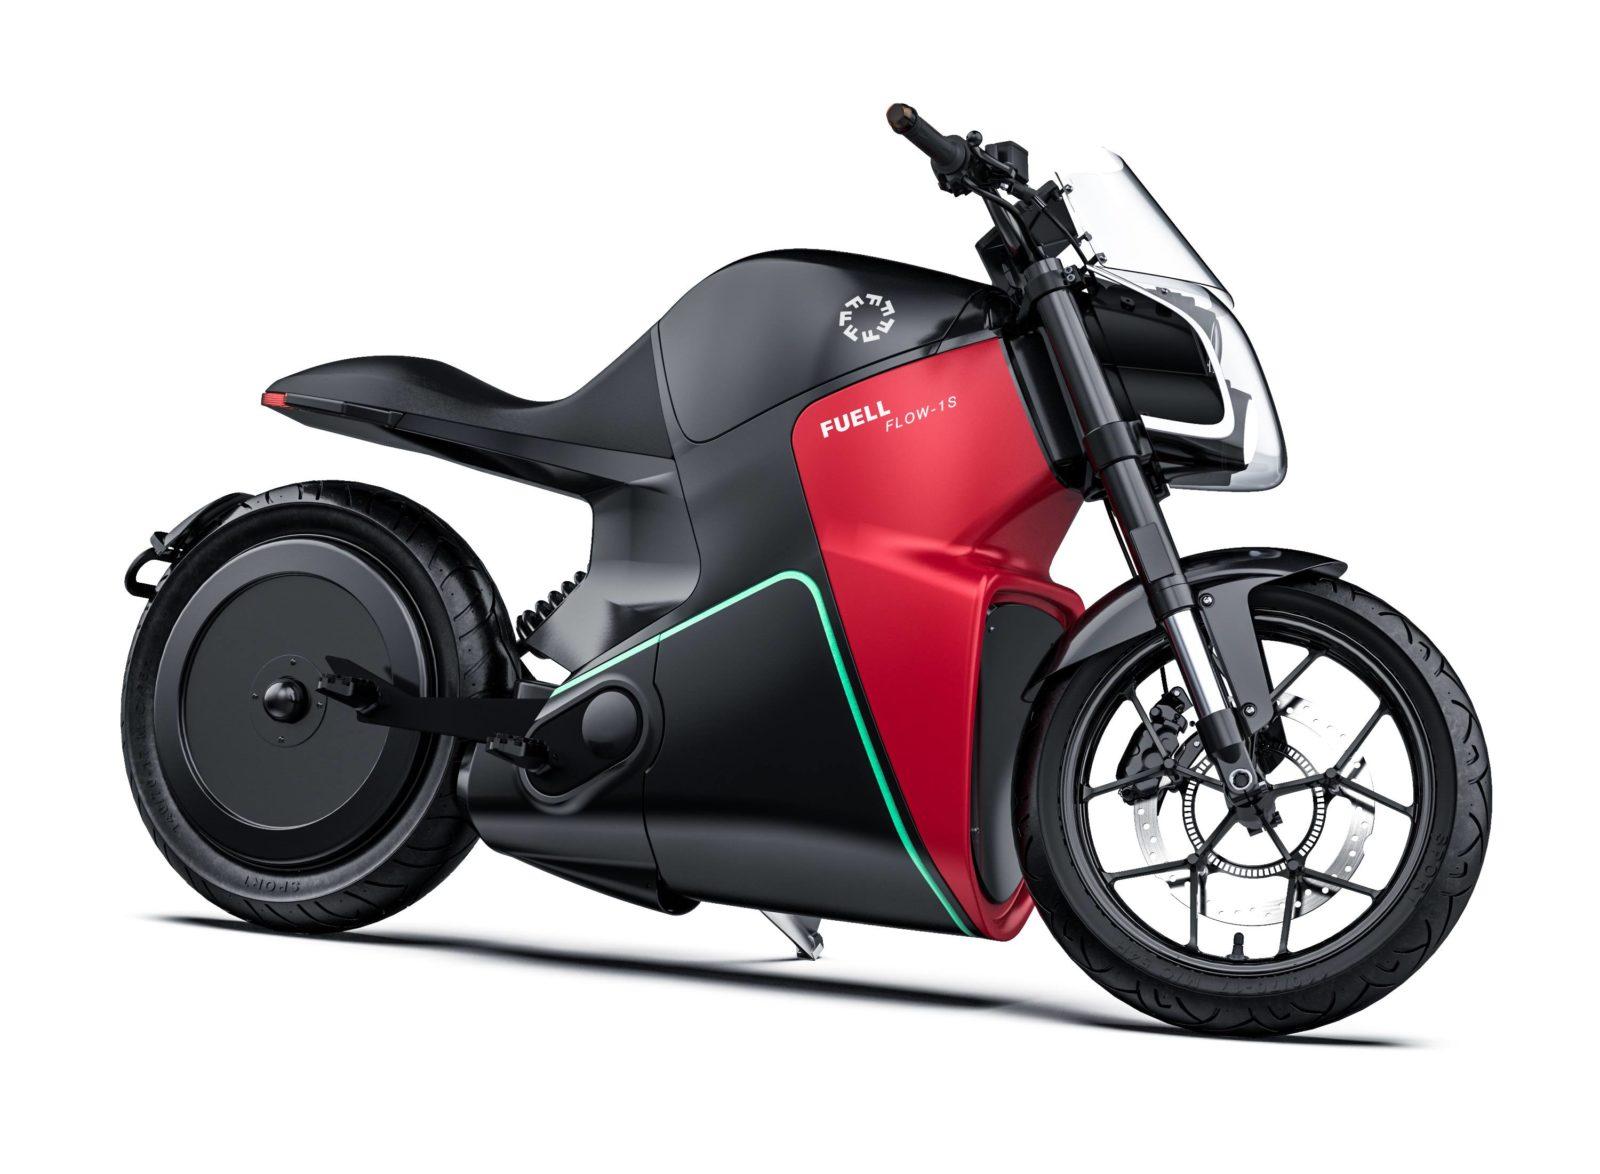 FUELL motorcycle Erik Buell moto éléctrique